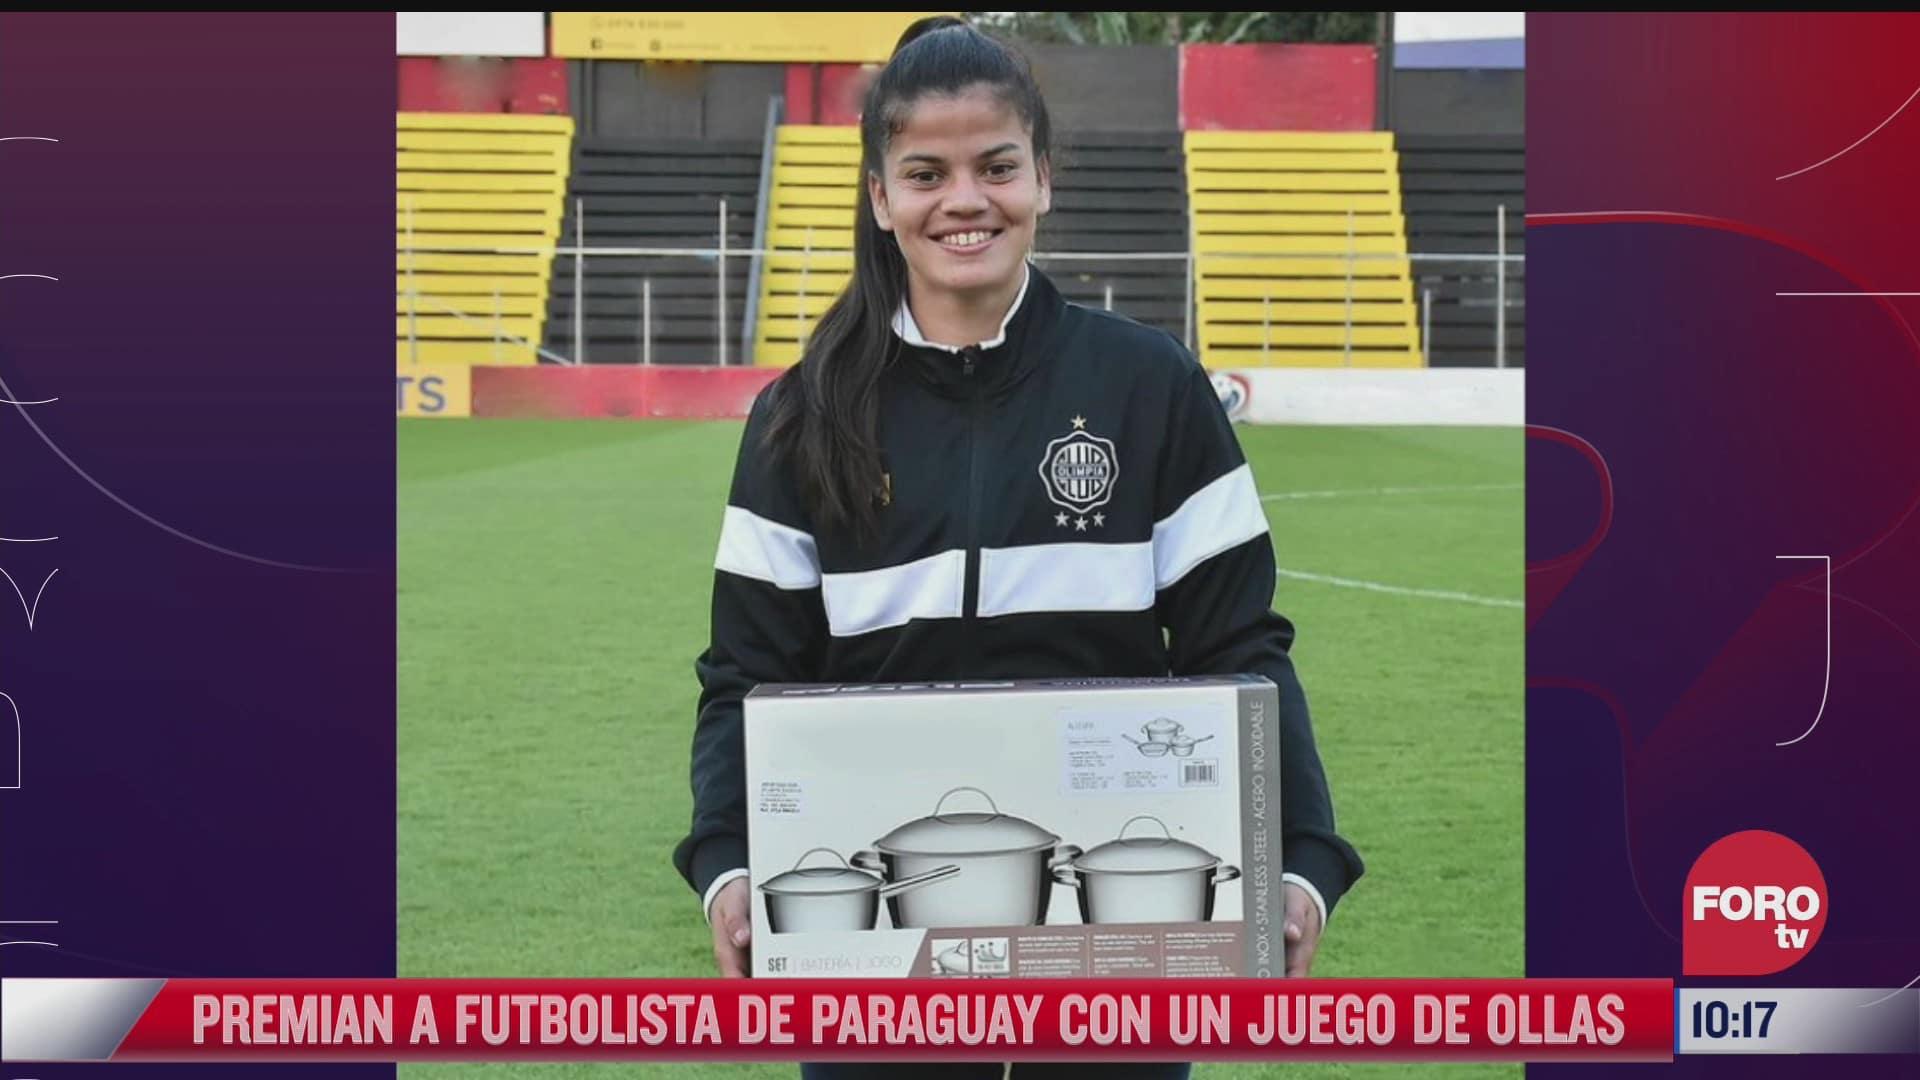 polemica por juego de ollas como premio para mujer futbolista